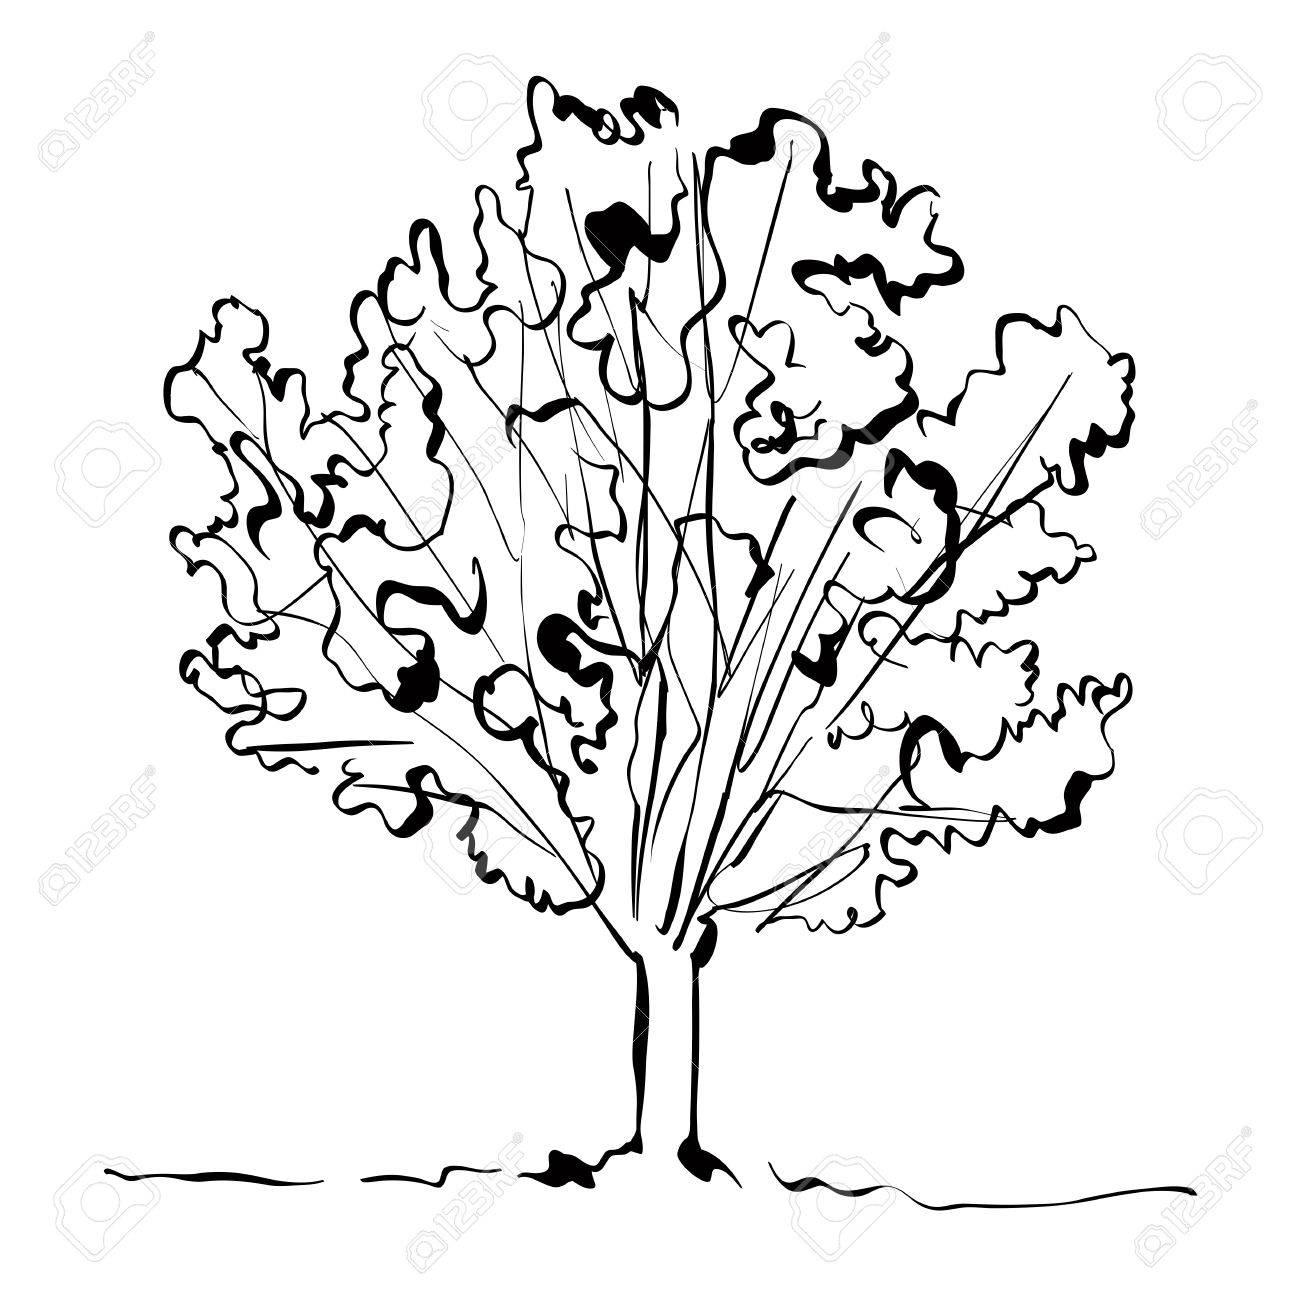 モノクロの白い背景にシンプルなイラストで描かれた木を手しますの